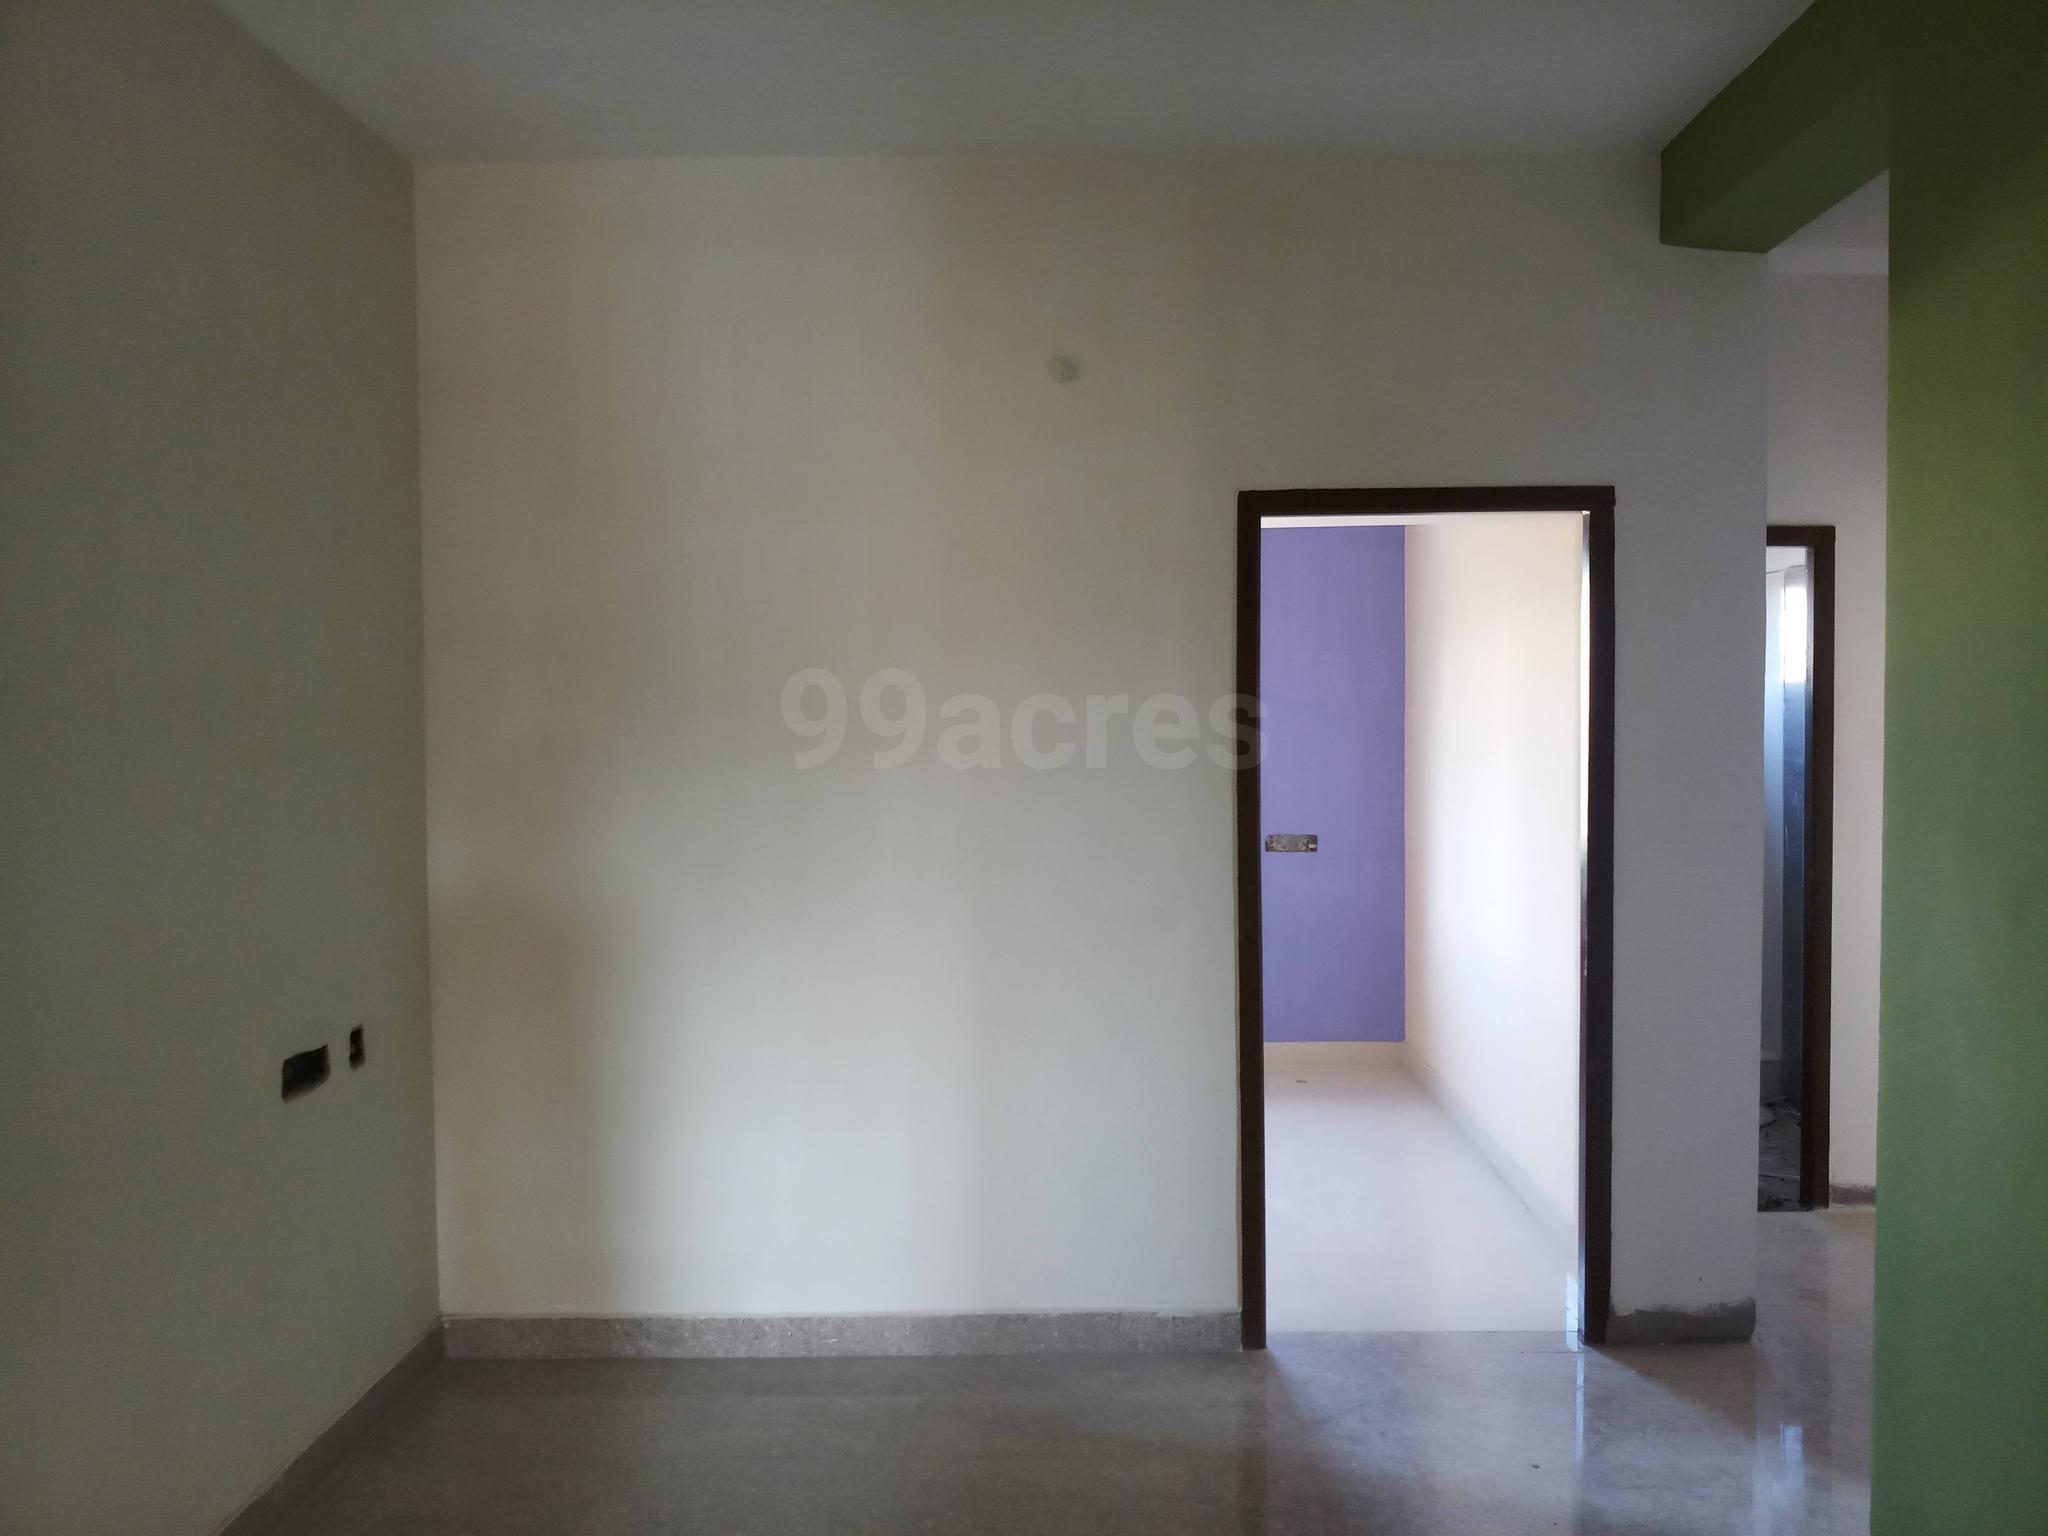 1559644073_banner_ss1.jpeg